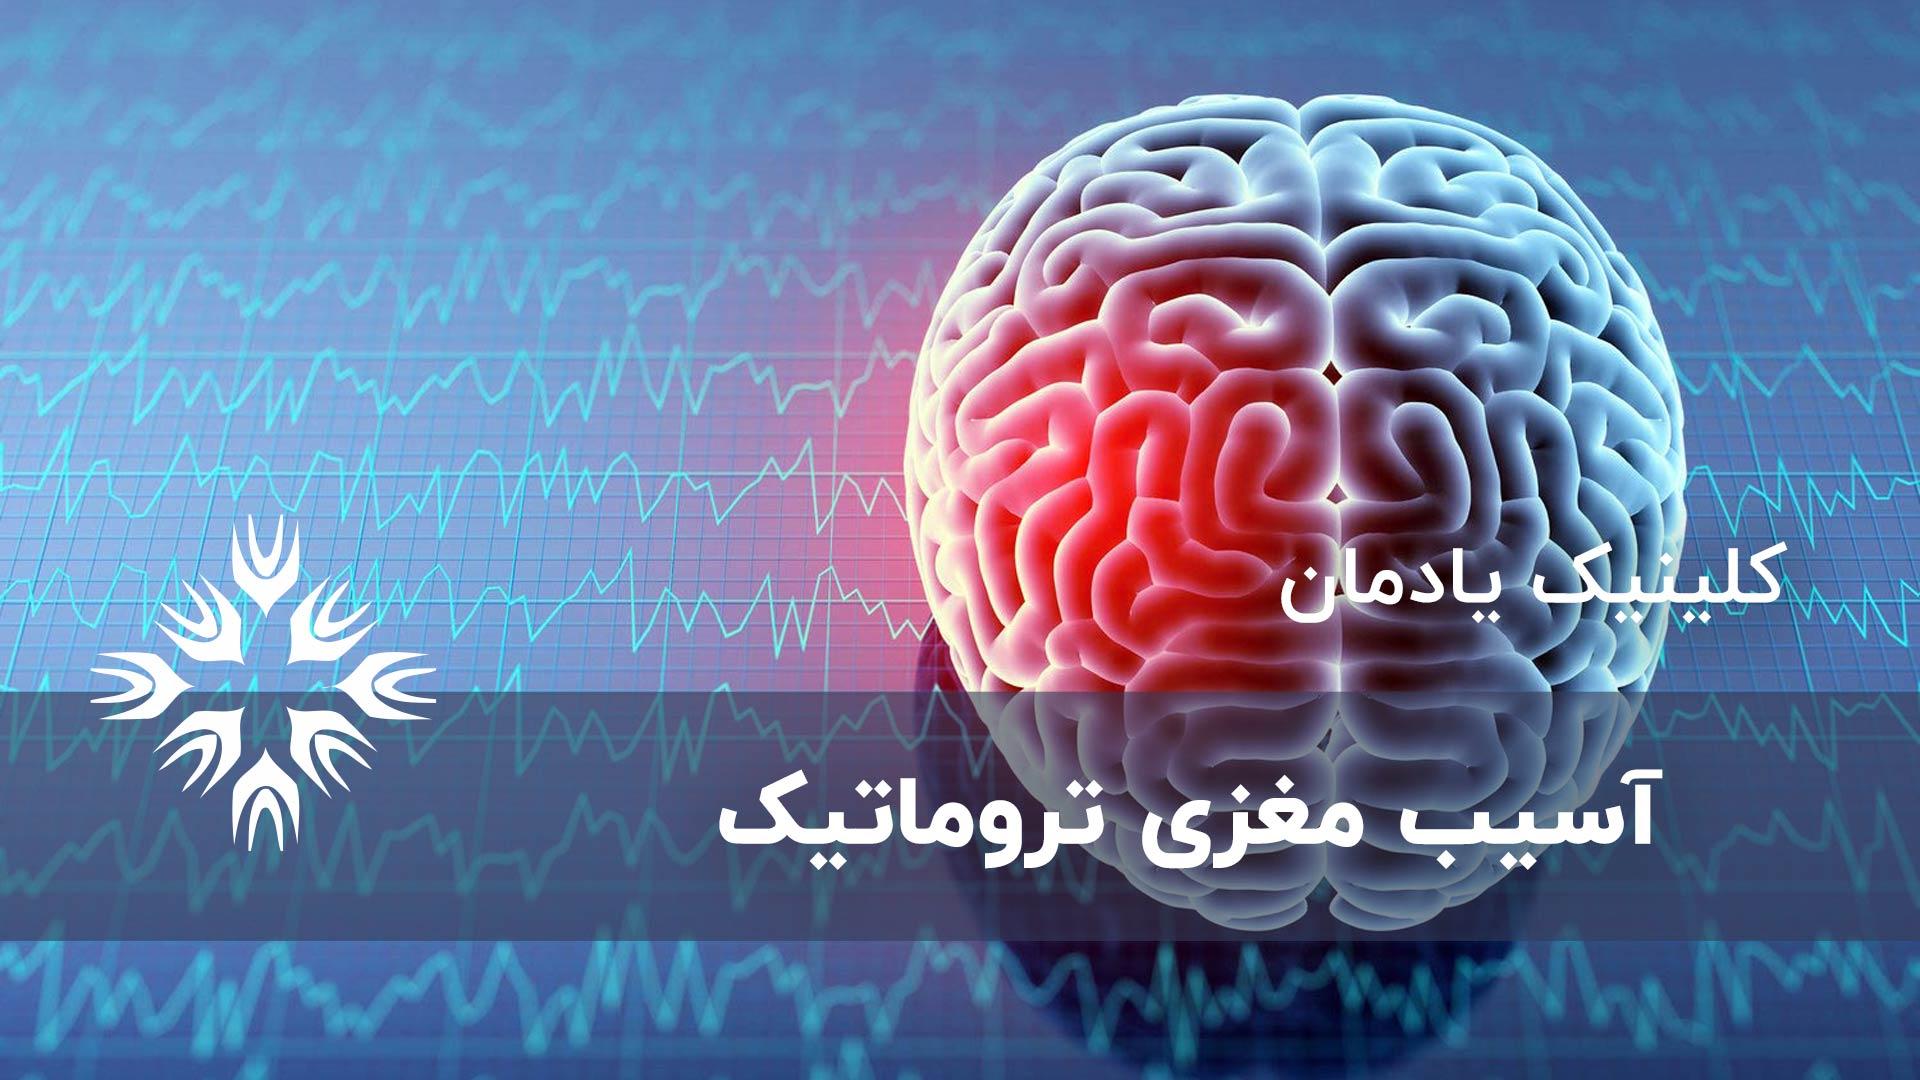 آسیب مغزی تروماتیک